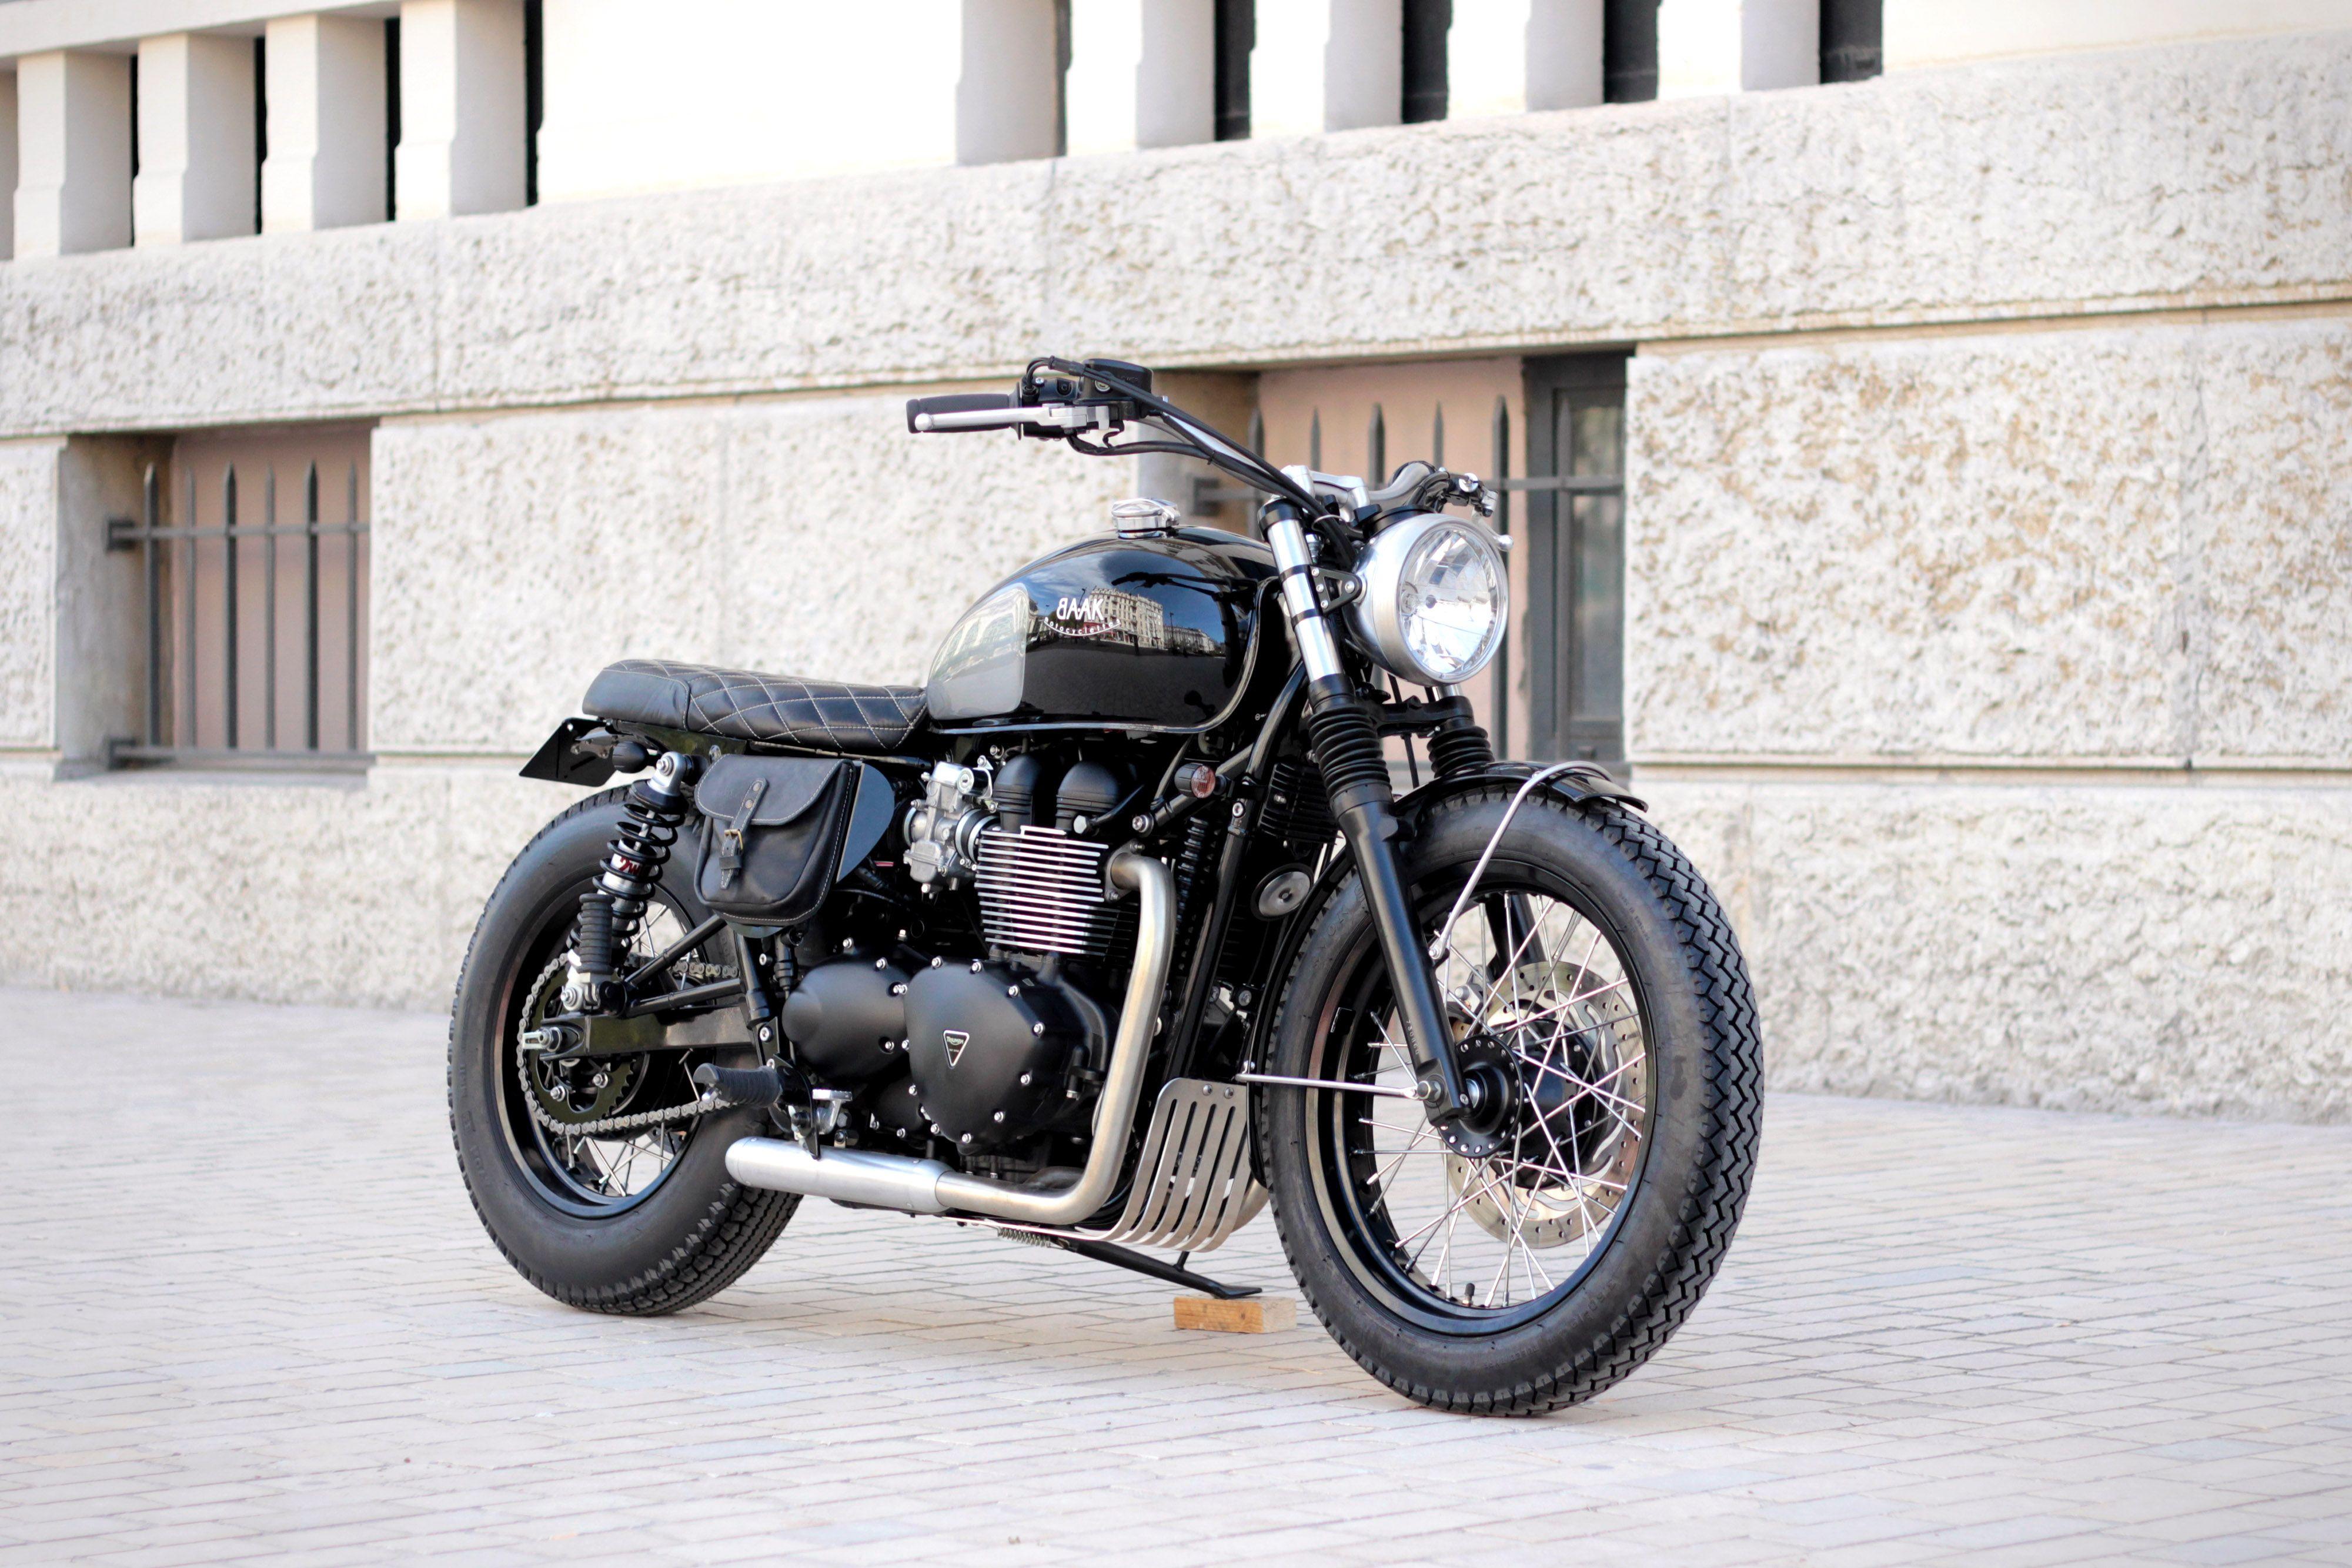 Our classic Triumph Bonneville T100 based build : the Dandy Bonnie.